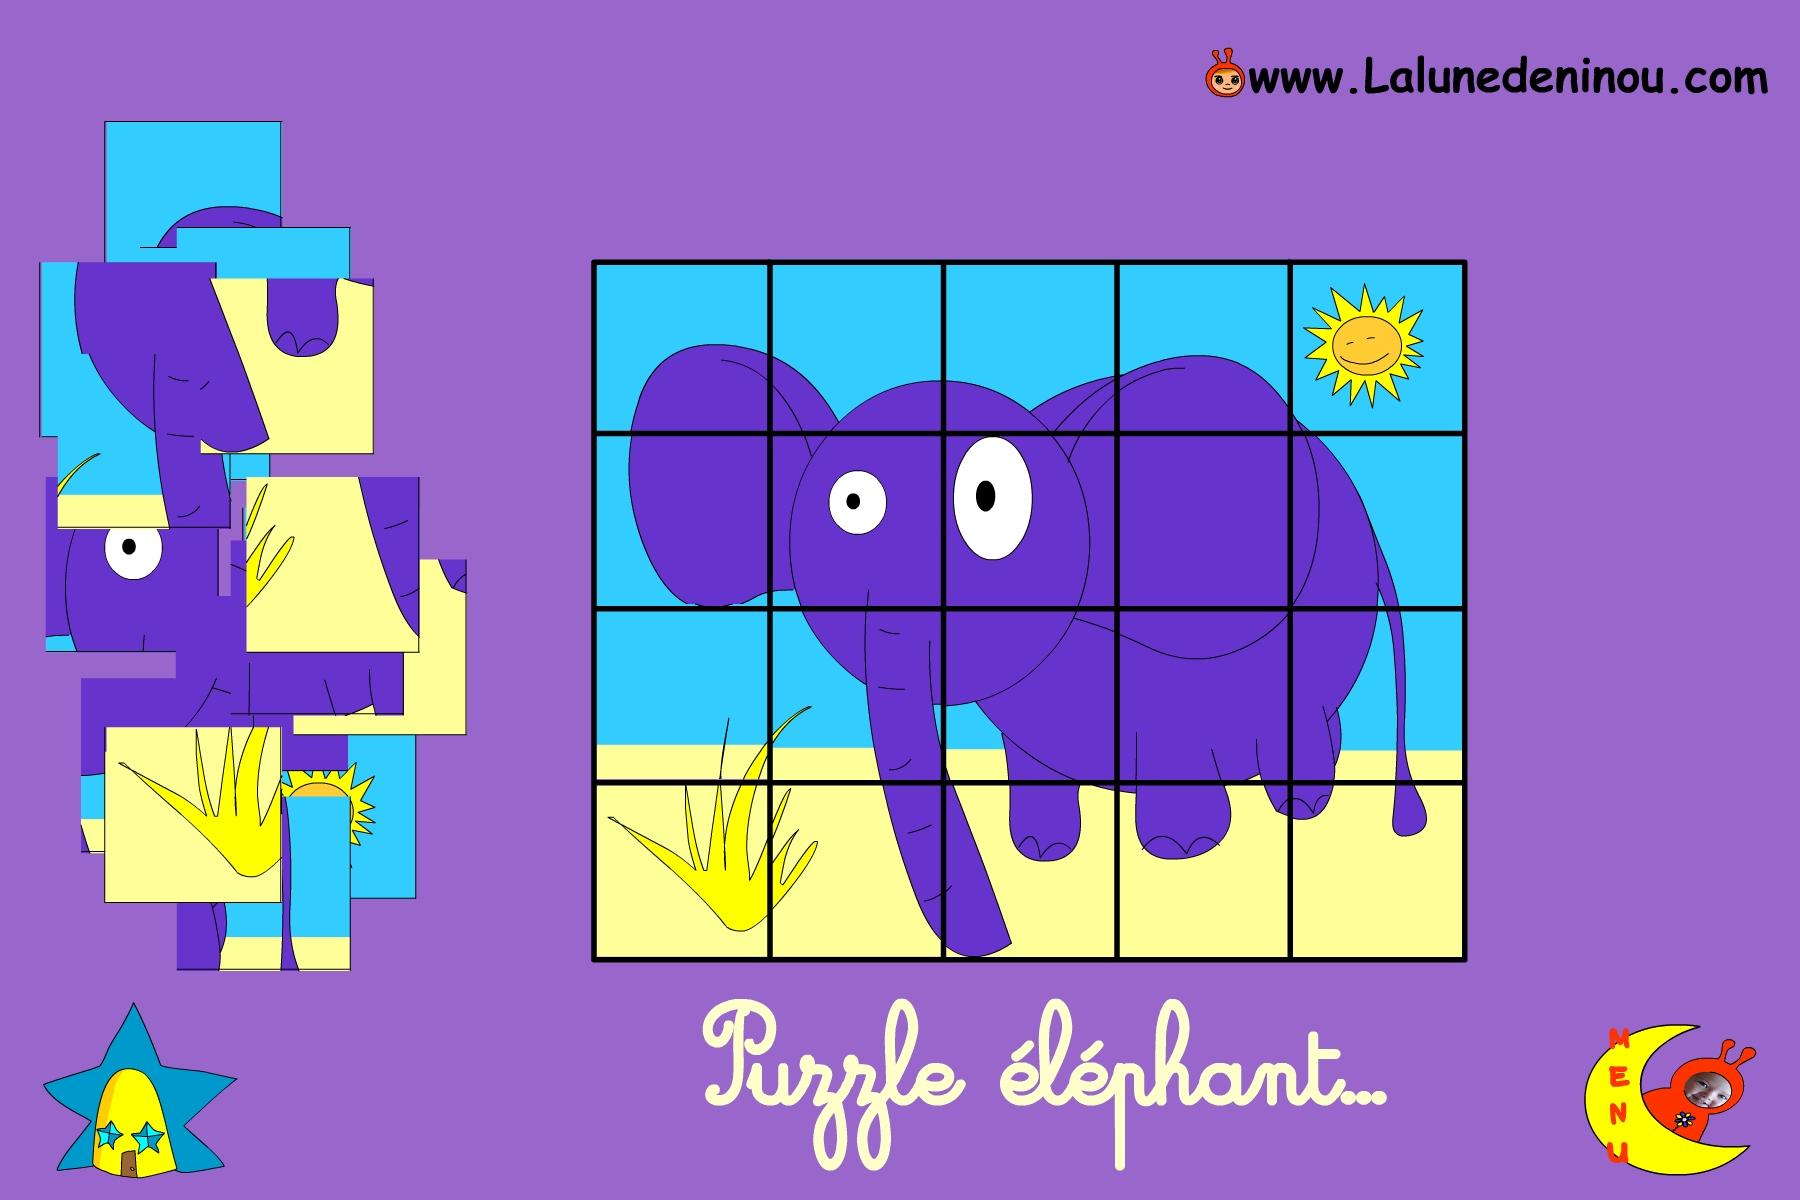 Puzzle En Ligne Pour Enfant De Maternelle - Lalunedeninou encequiconcerne Jeux En Ligne Garcon 3 Ans